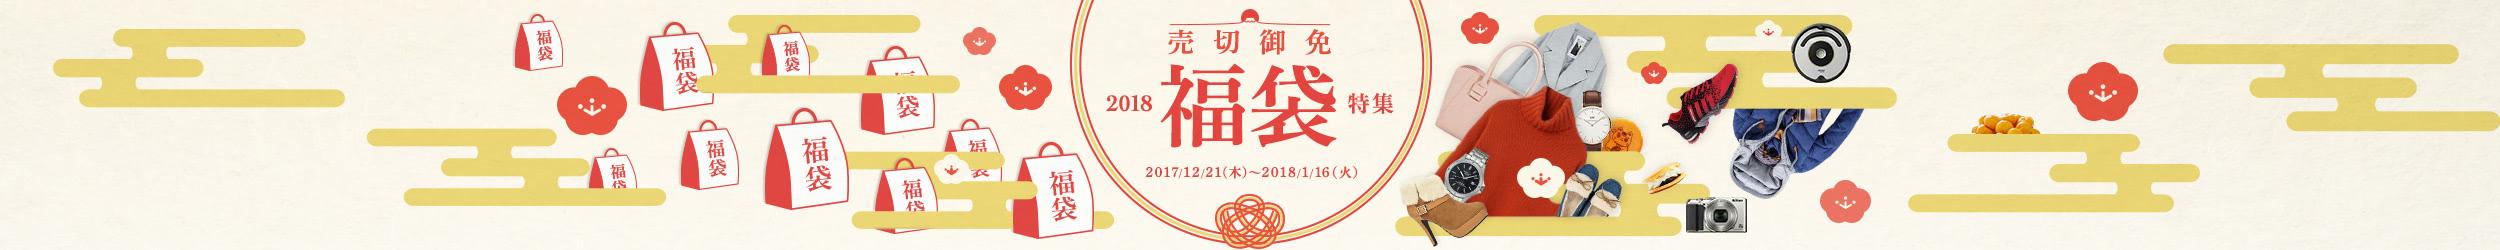 福袋特集 2018 人気の福袋が満載! - Yahoo!ショッピング